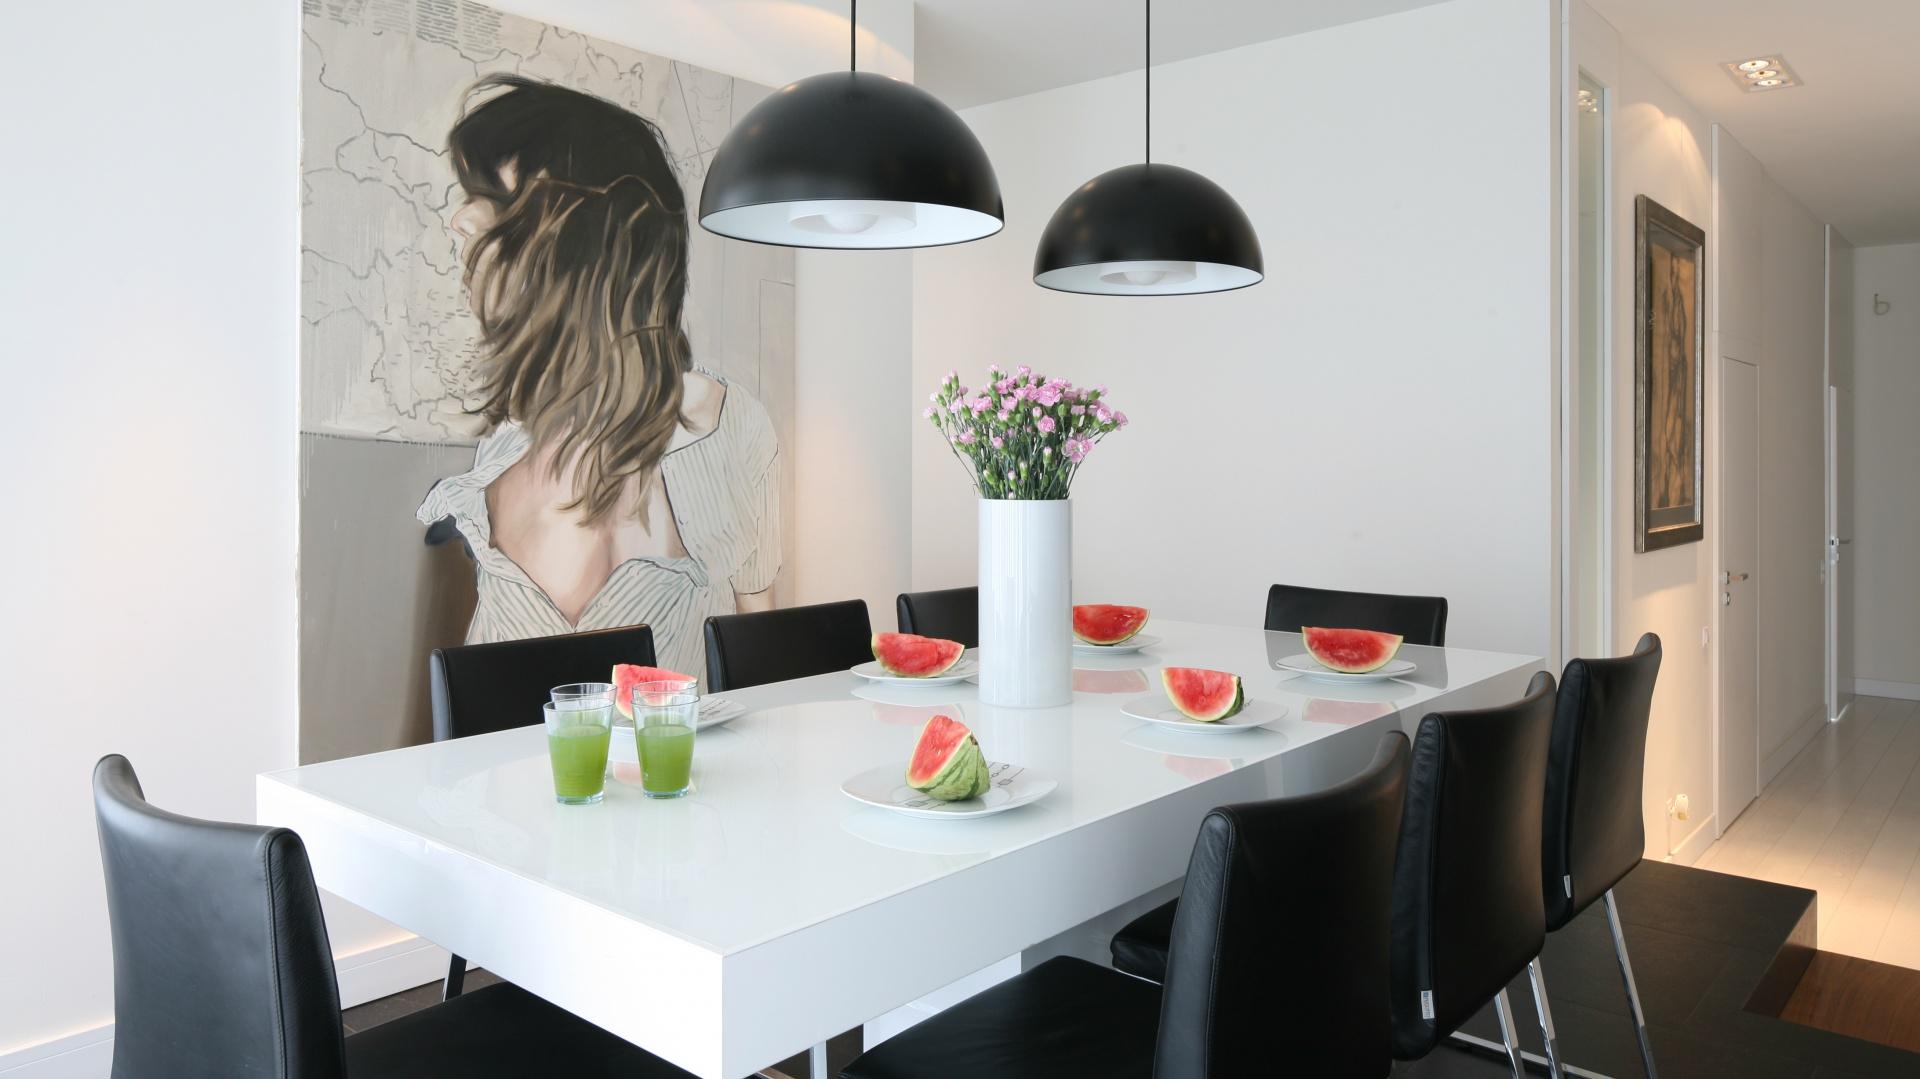 Dwie techniczne lampy wiszące nad stołem stanowią z nim harmonijną kolorystyczną całość. Biały blat i czarne krzesła korespondują z barwą plastikowych kloszy lamp - czarnych od zewnątrz i białych wewnątrz. Prostota i elegancja. Projekt: Dominik Respondek. Fot. Bartosz Jarosz.